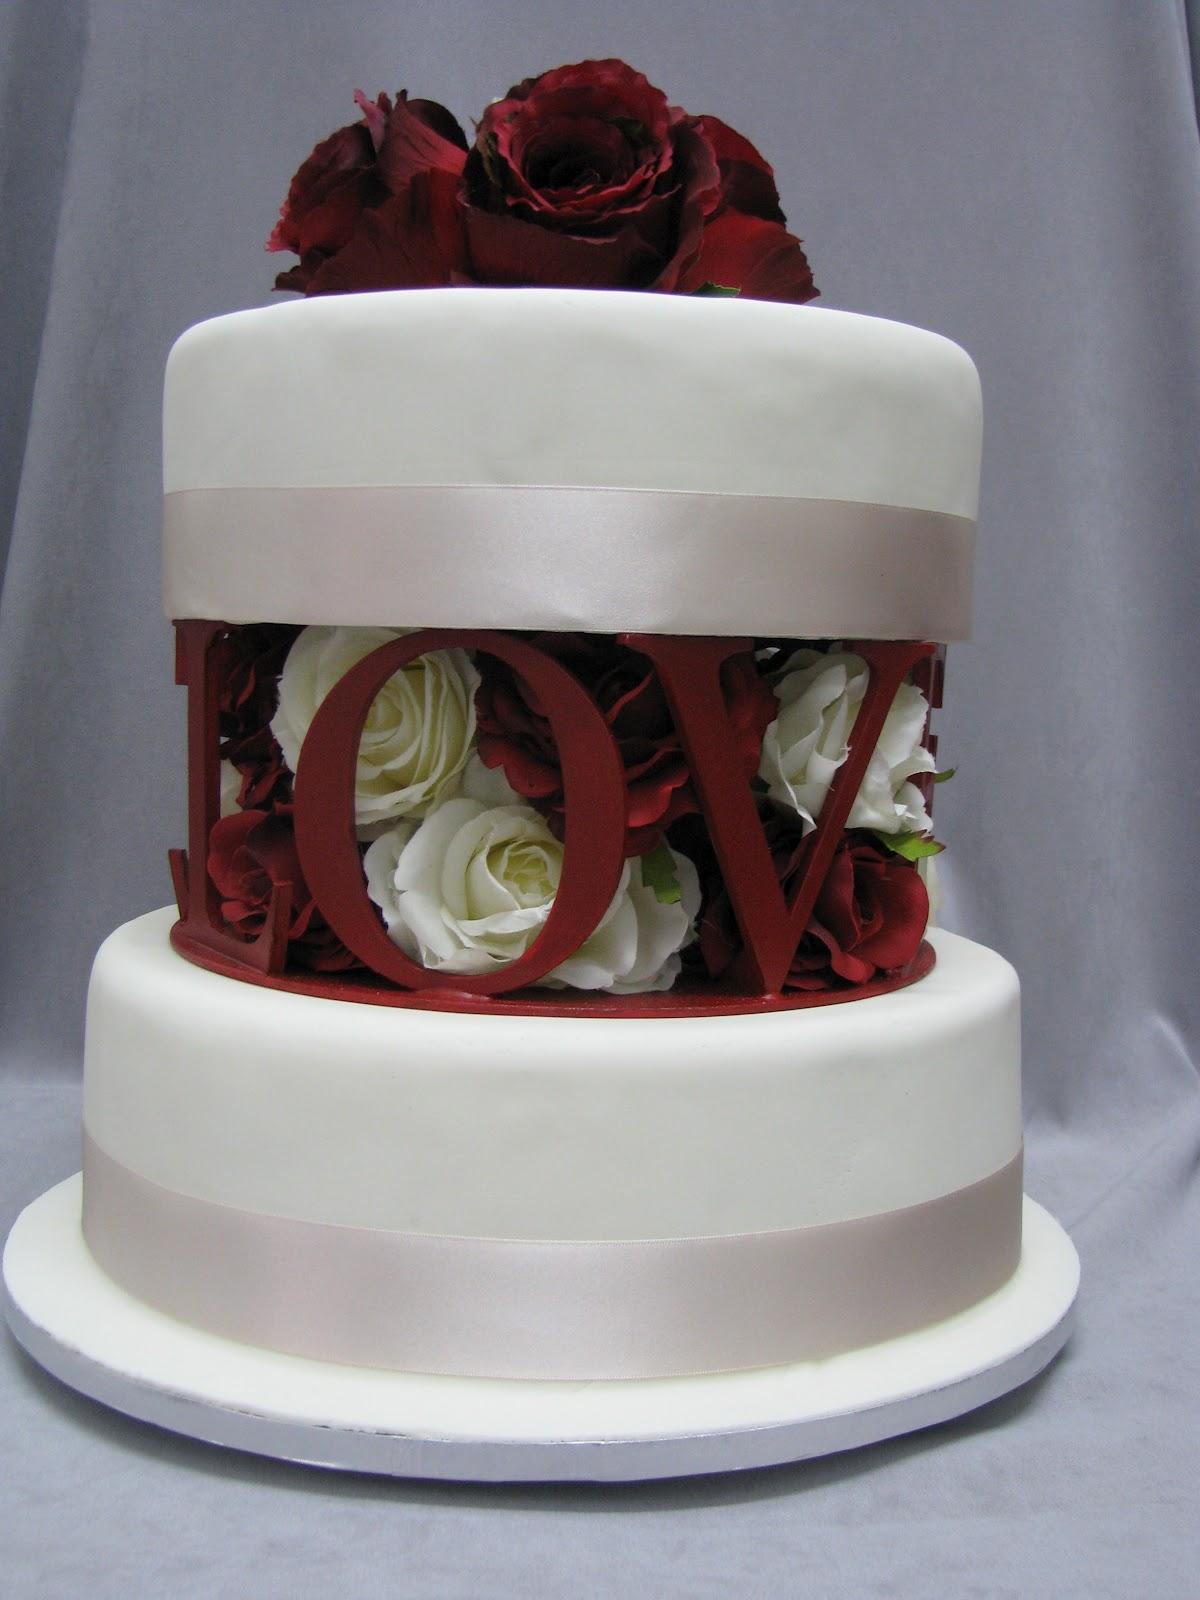 CAKEZ 4 EWE WEDDING CAKEZ